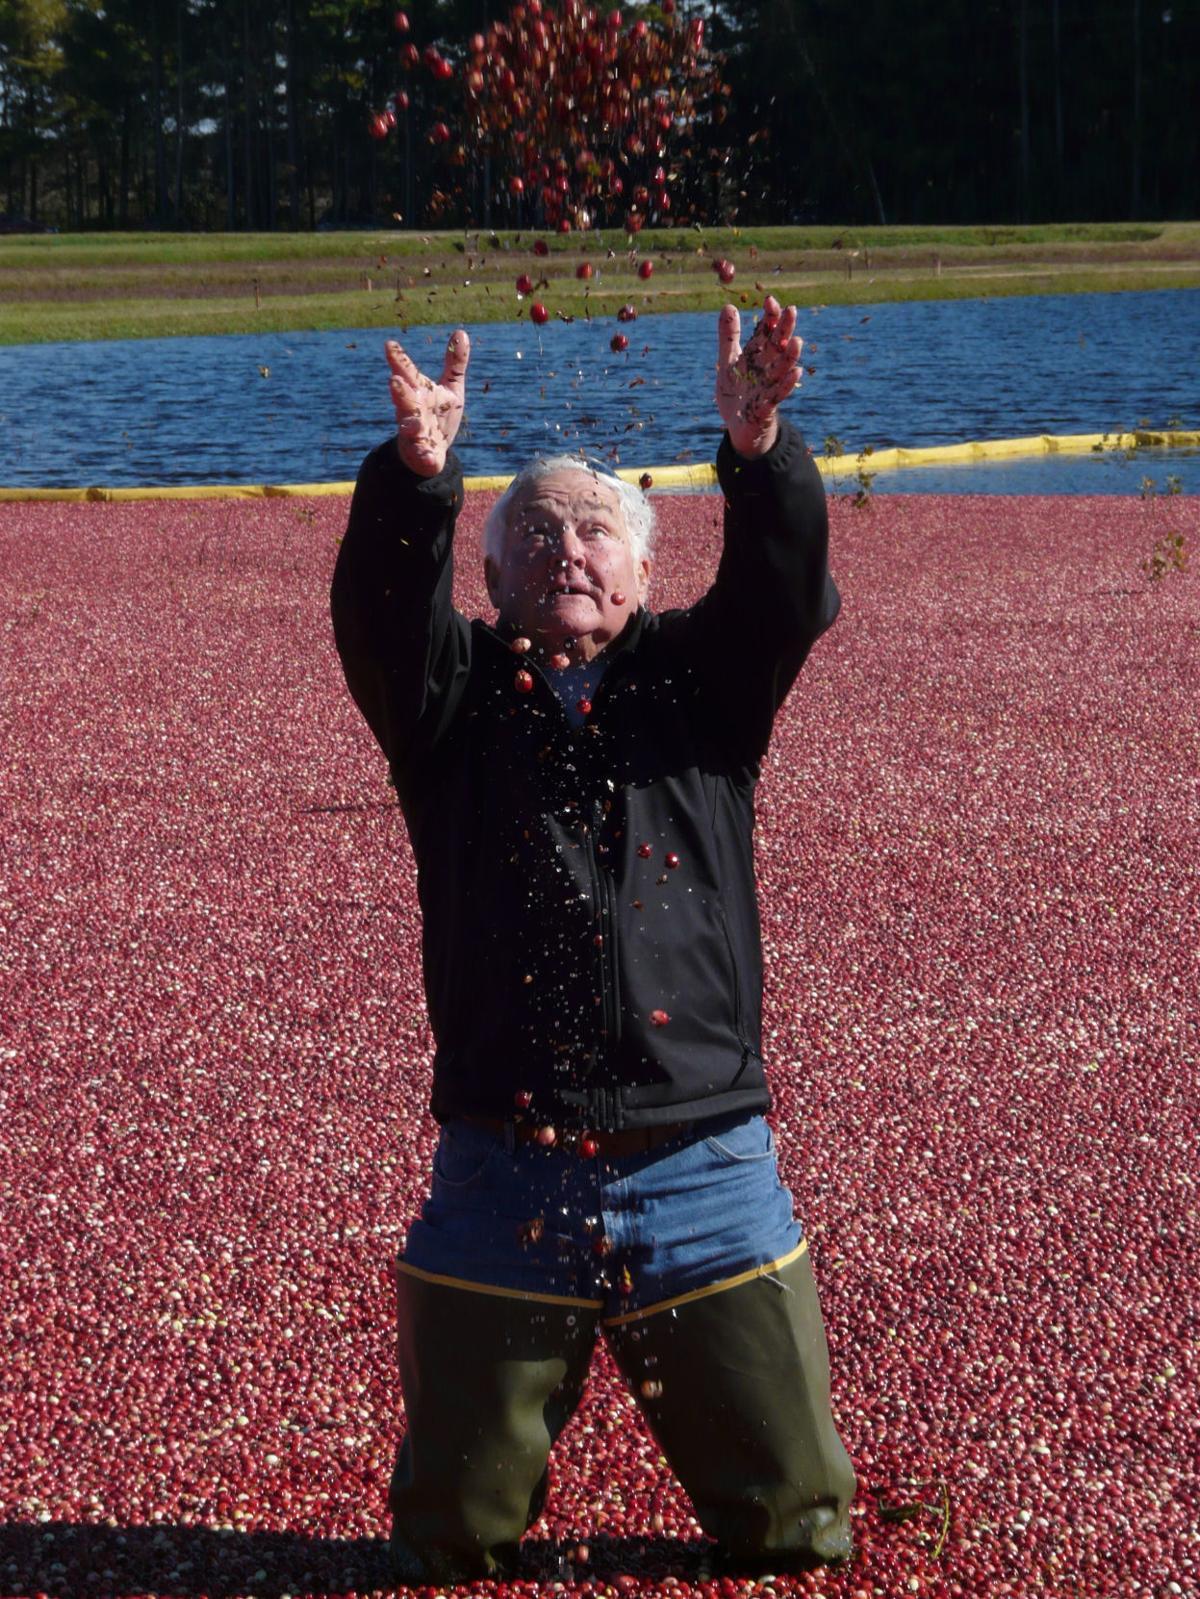 Berry toss